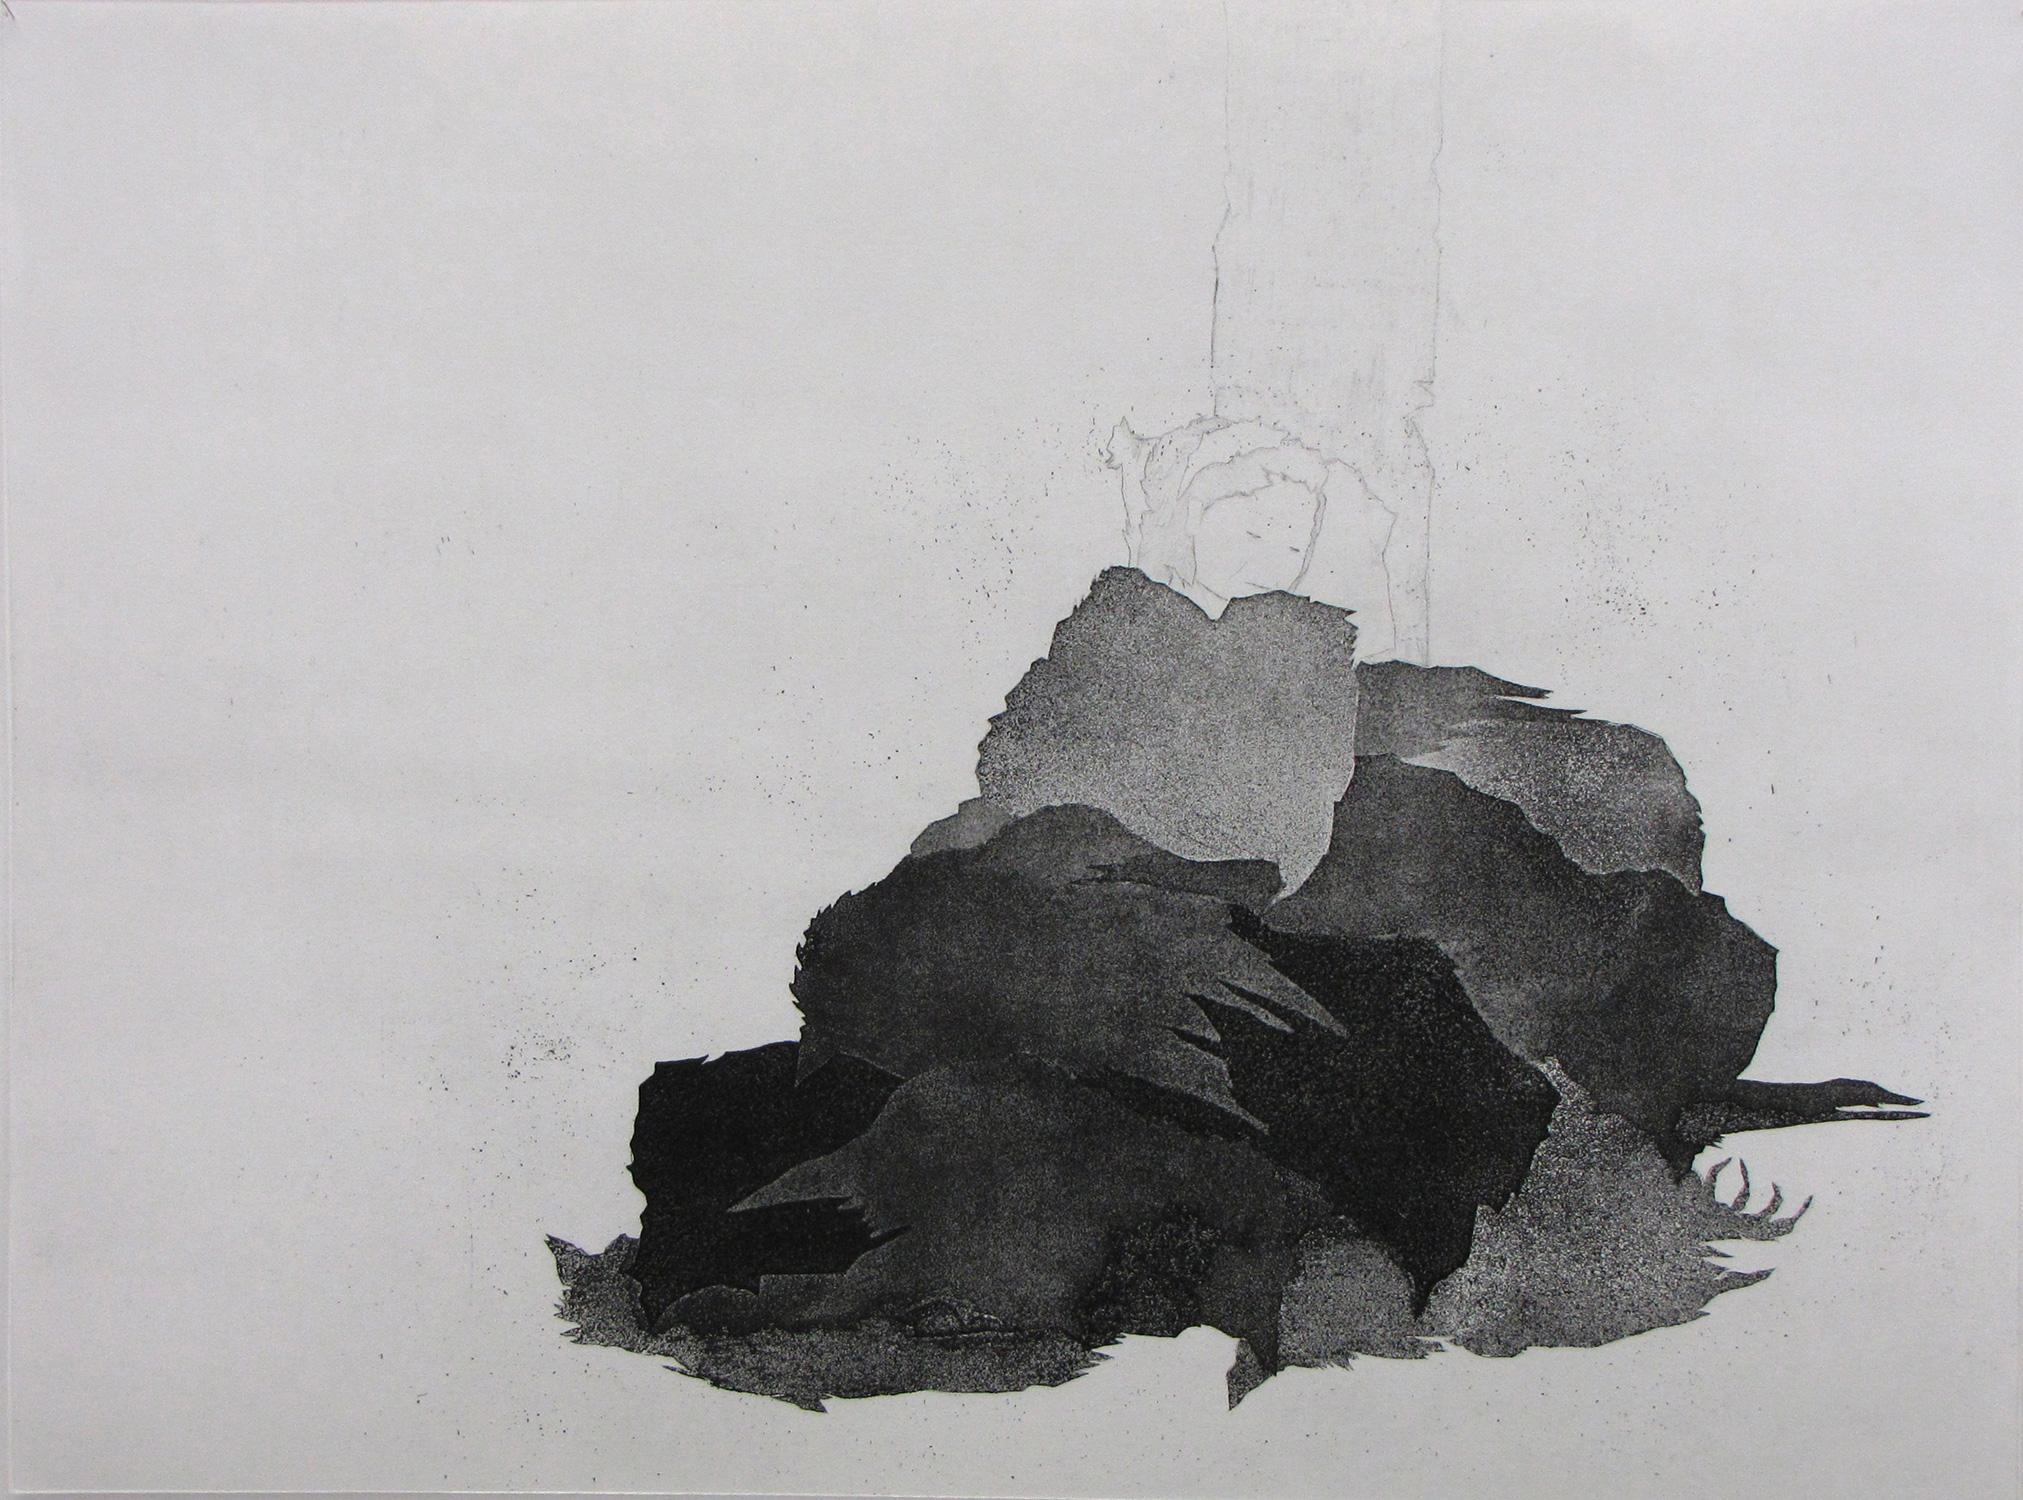 <i>Couverture d'oiseaux</i>, 2008, 65x80cm